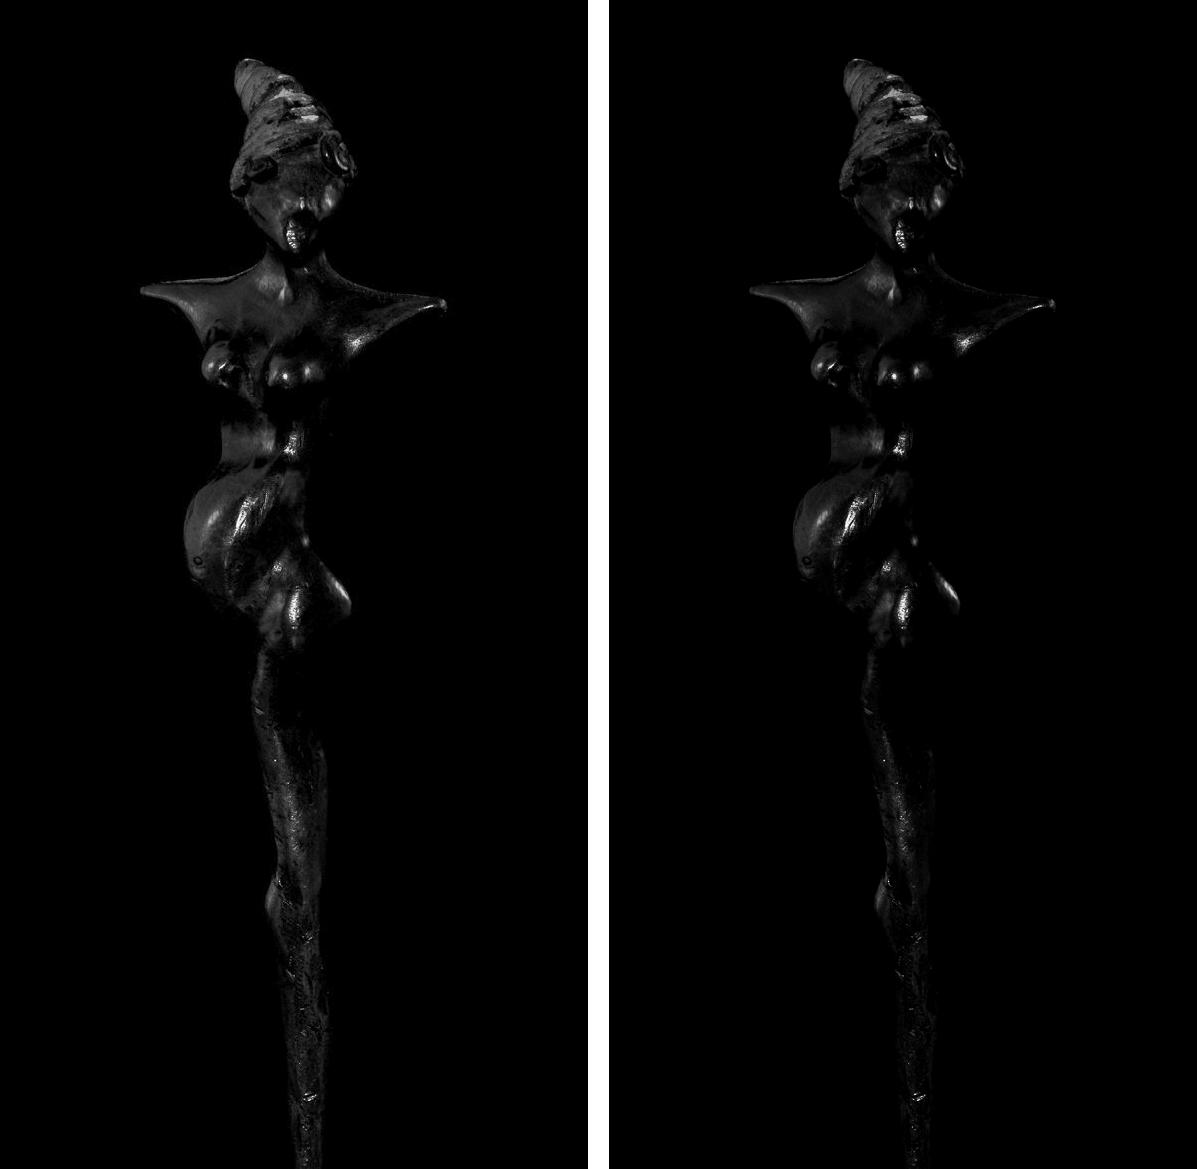 statue-comparison